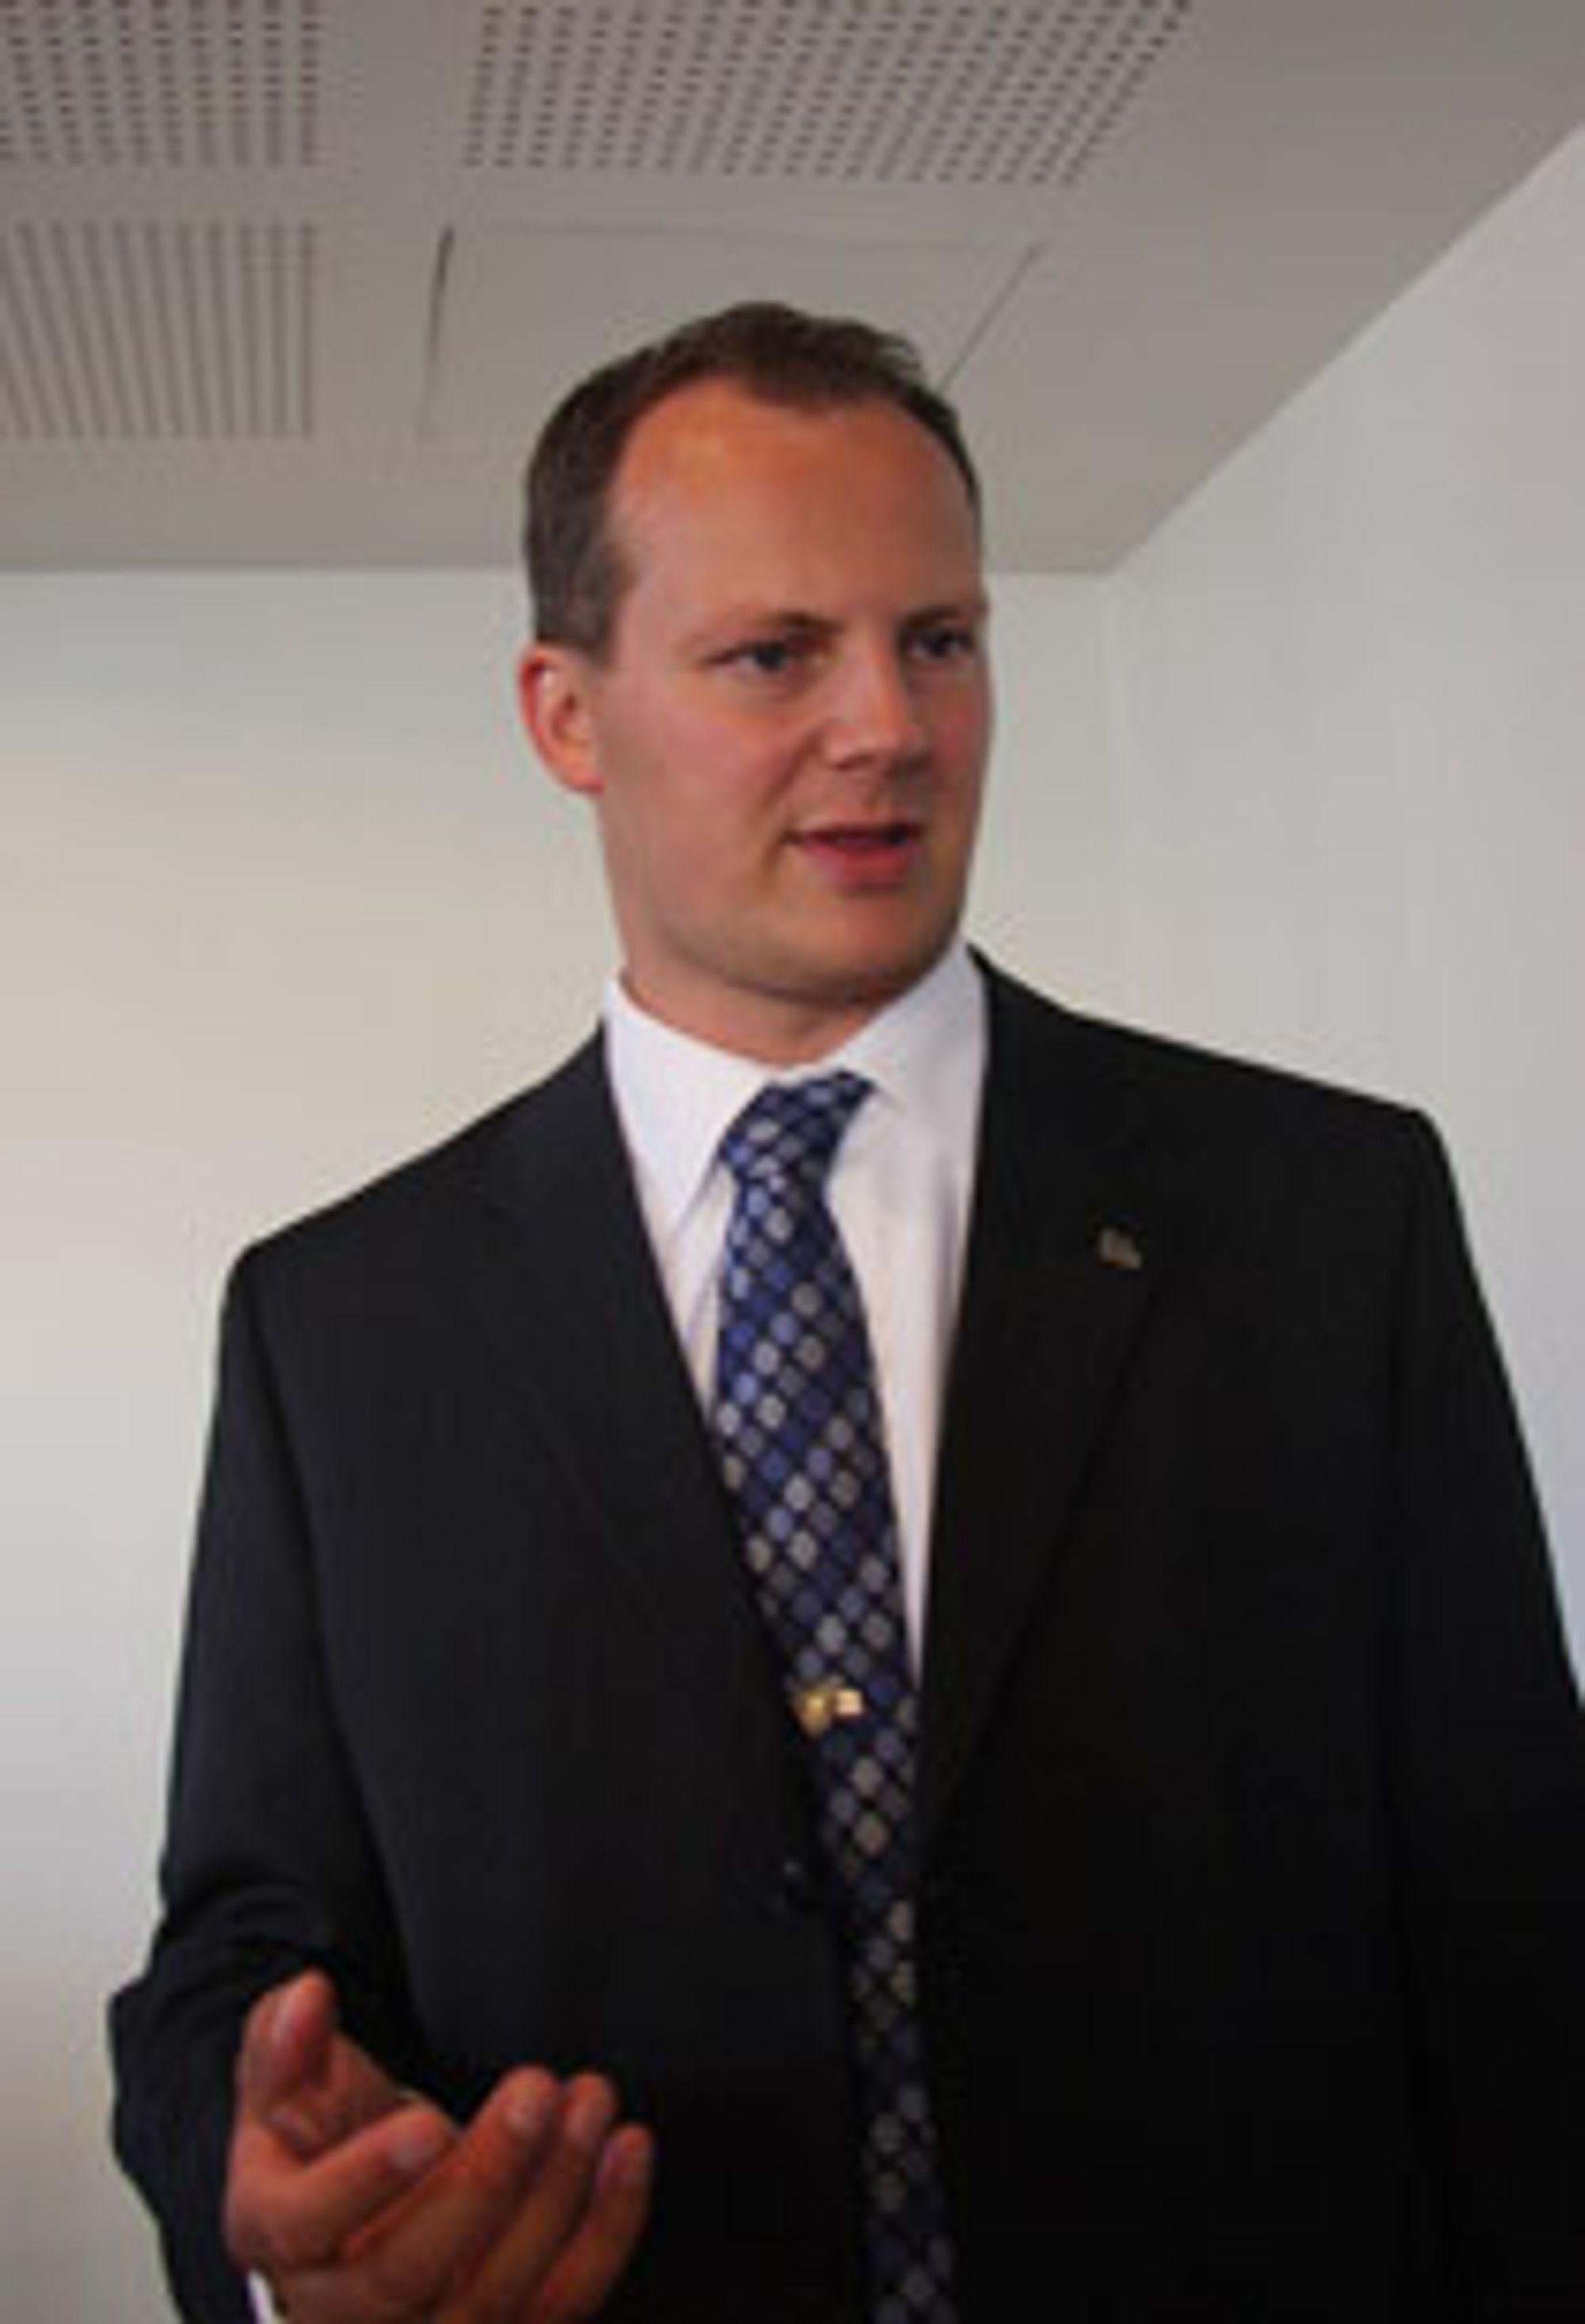 PENGEBLINDE: - Det virker som om regjeringen har blitt pengeblinde når det gjelder CO2-rensing, mener Ketil Solvik-Olsen i Frp.